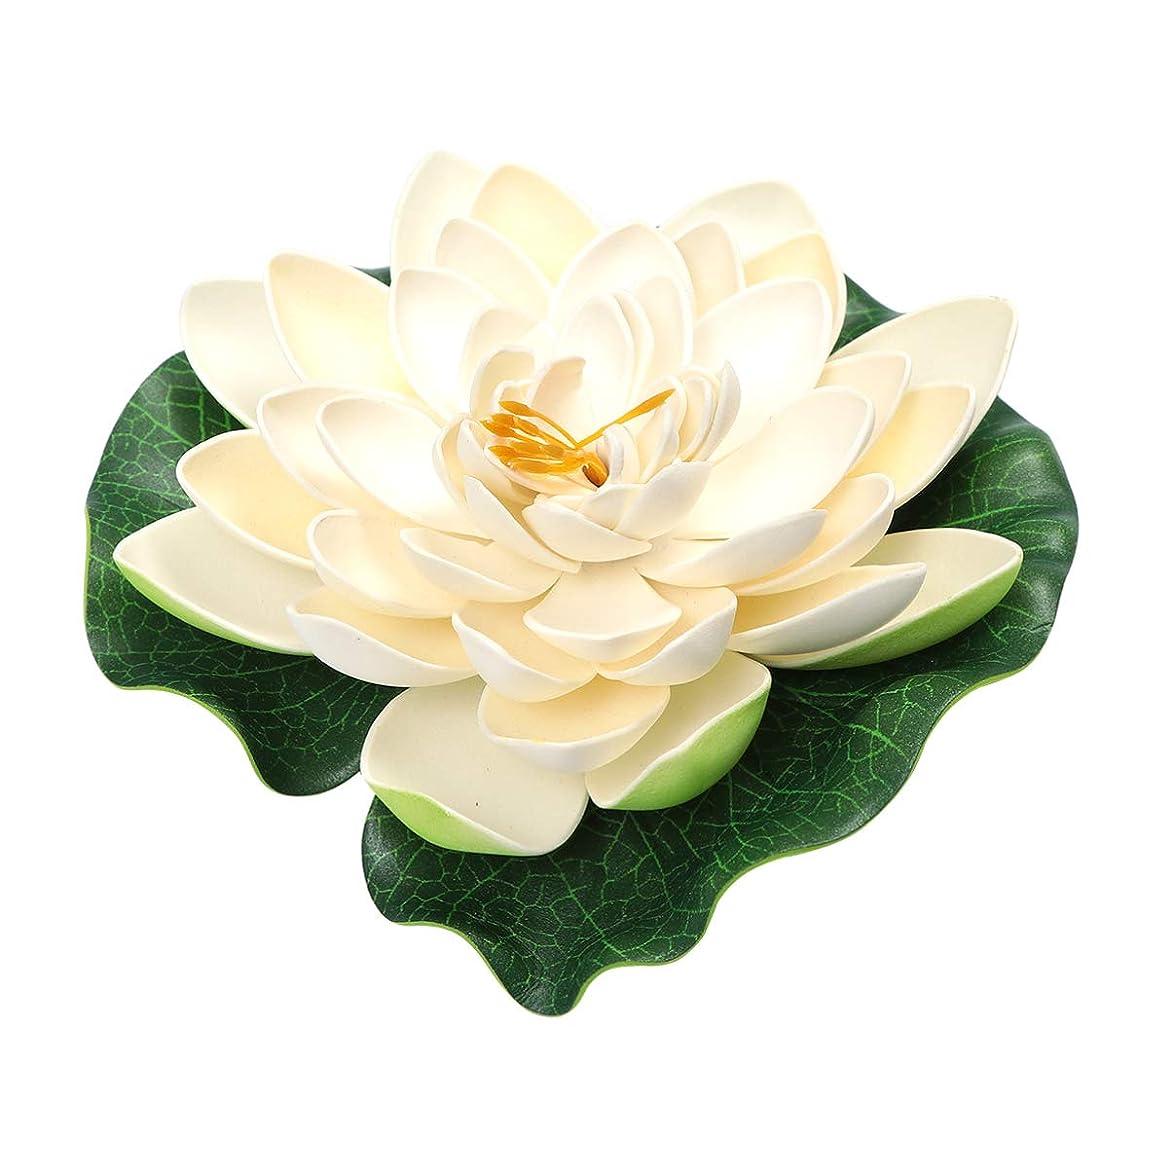 の間で金貸し特徴づけるCLISPEED 15ピース人工蓮の花浮動池装飾スイレンフラワーパッド装飾用ガーデンパティオプール水族館装飾